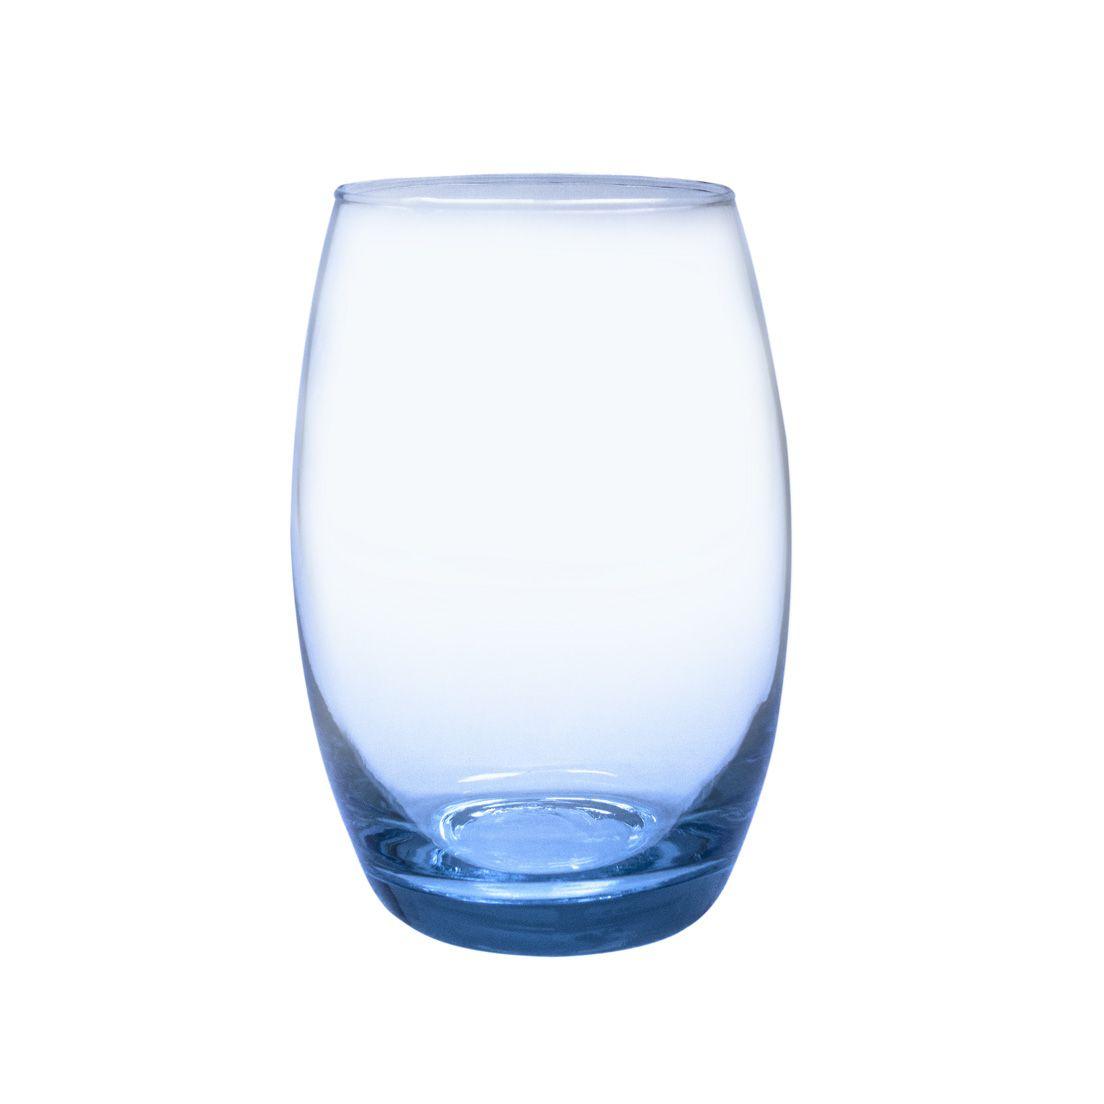 Jogo de Copos Casa Linda Bellagio 450ml de Vidro Azul 6 Peças